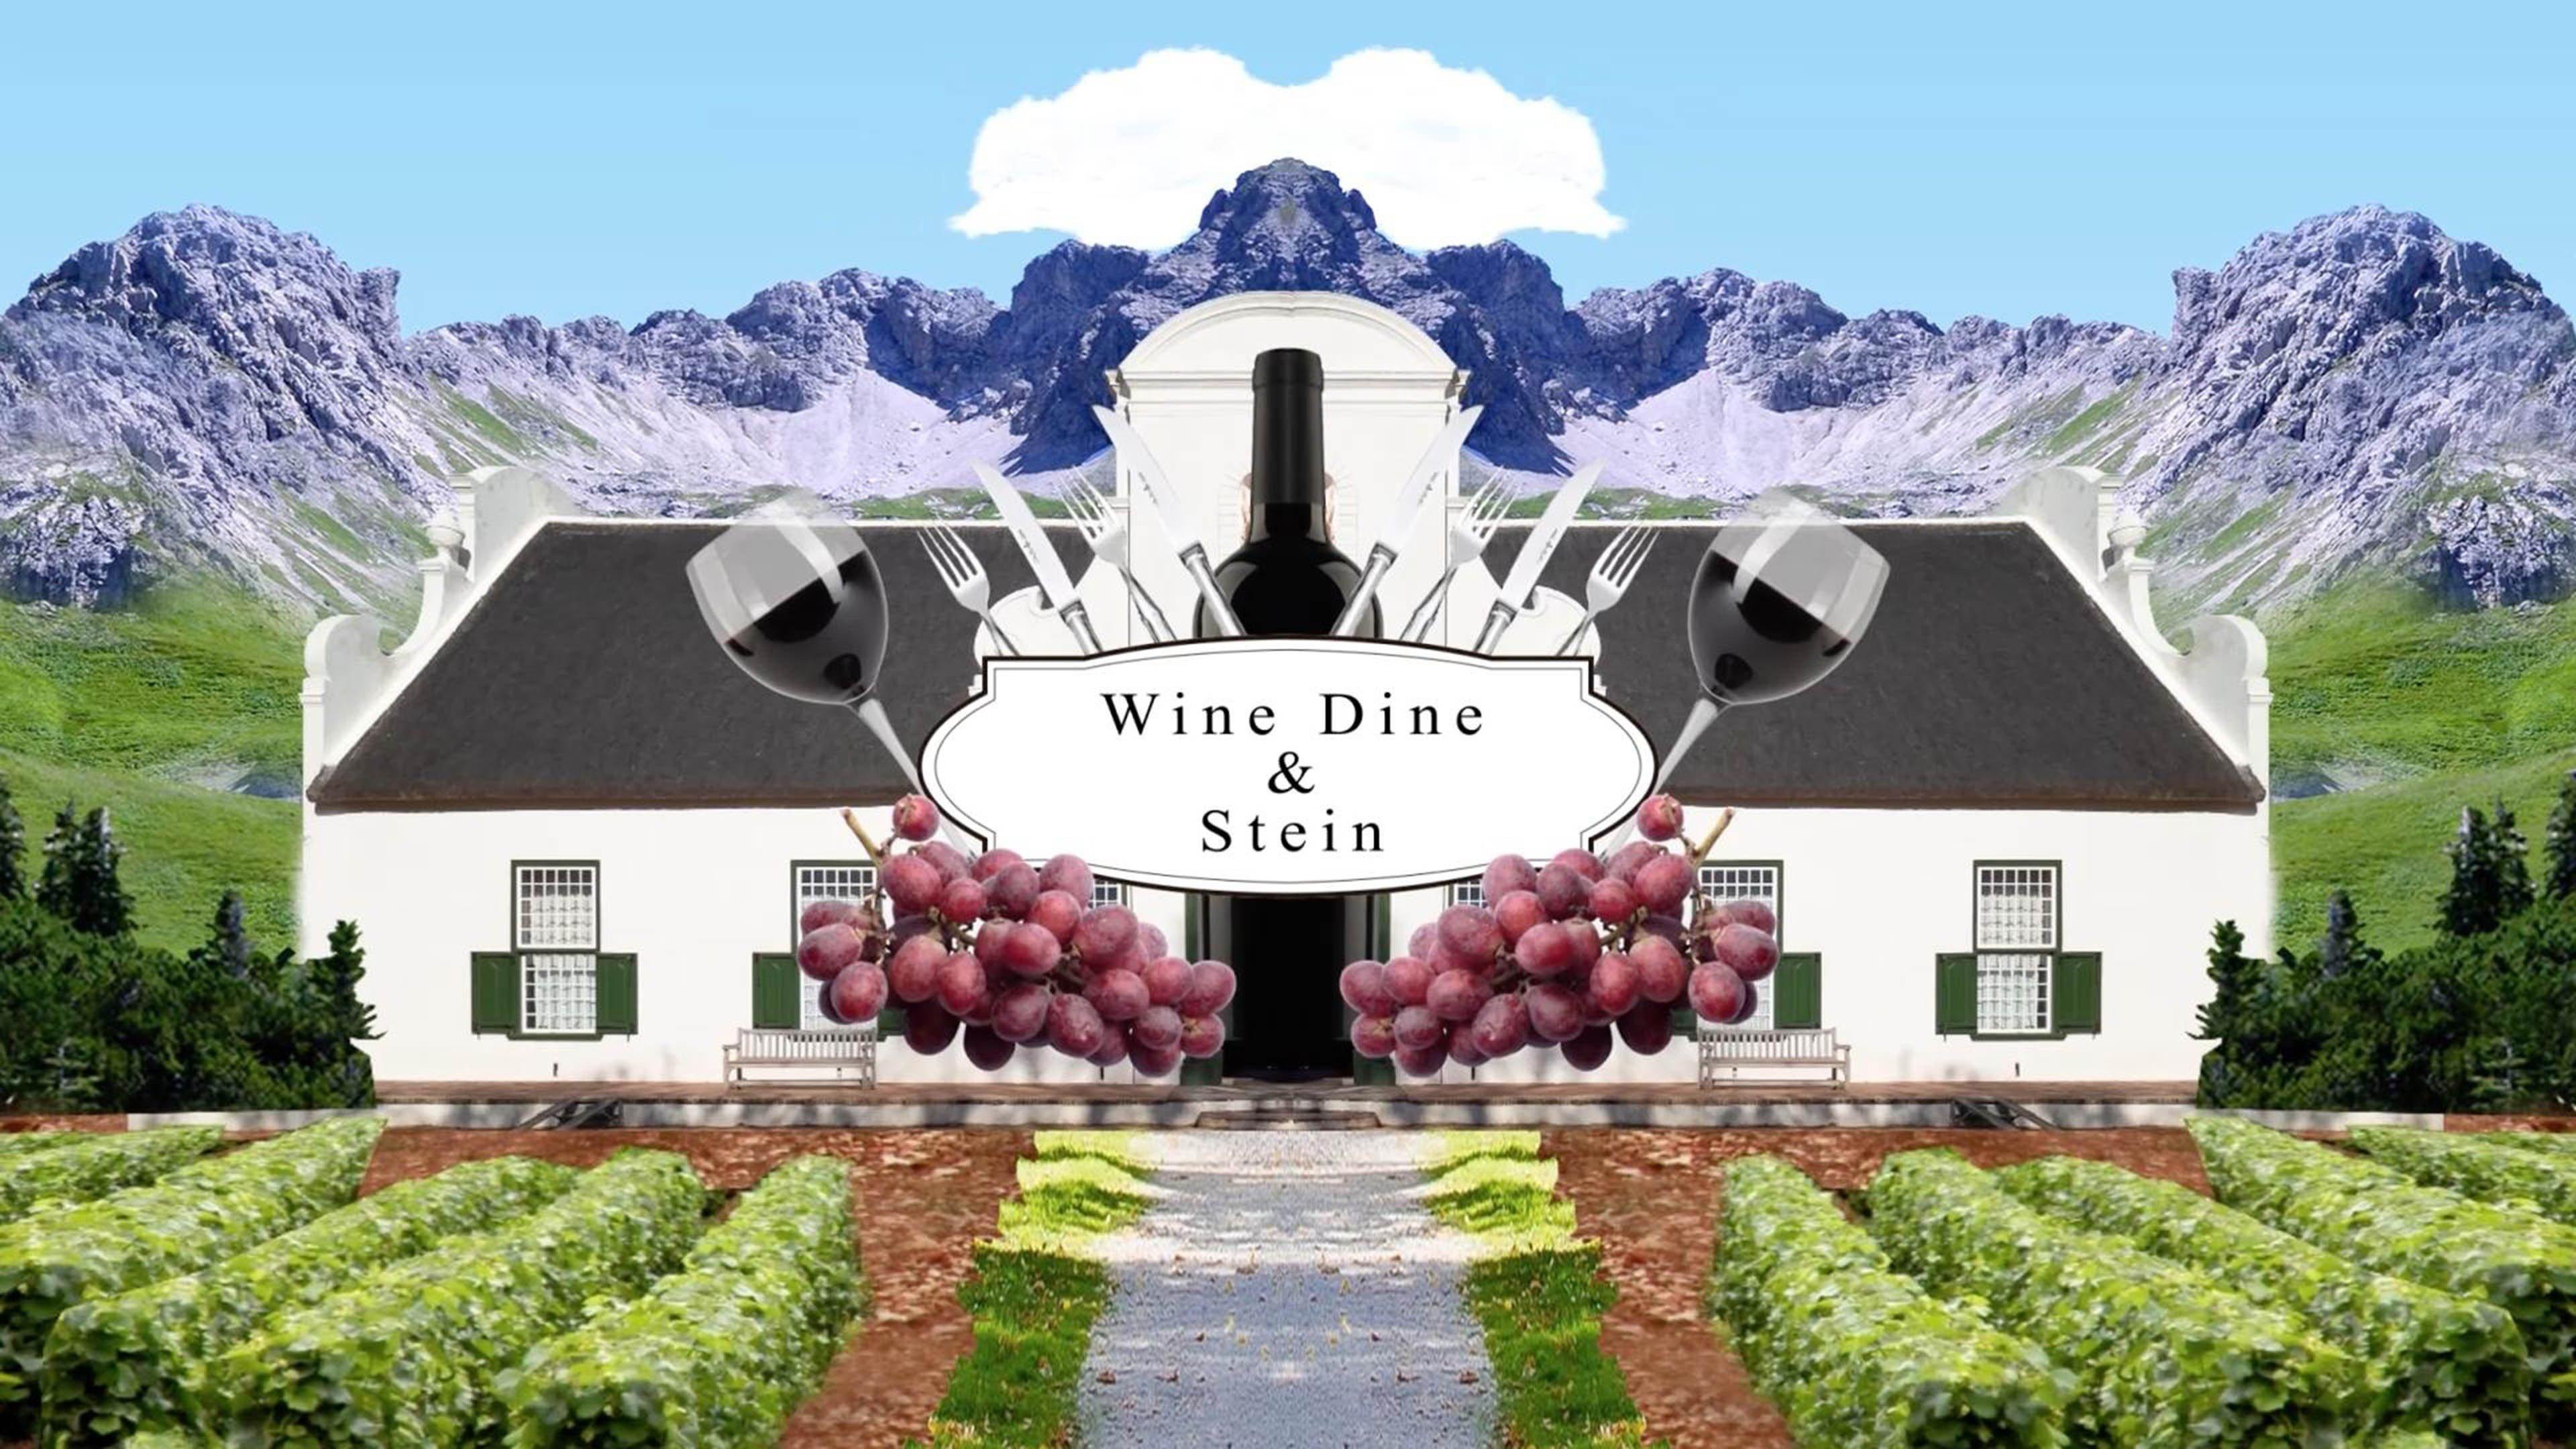 Wine, Dine & Stein